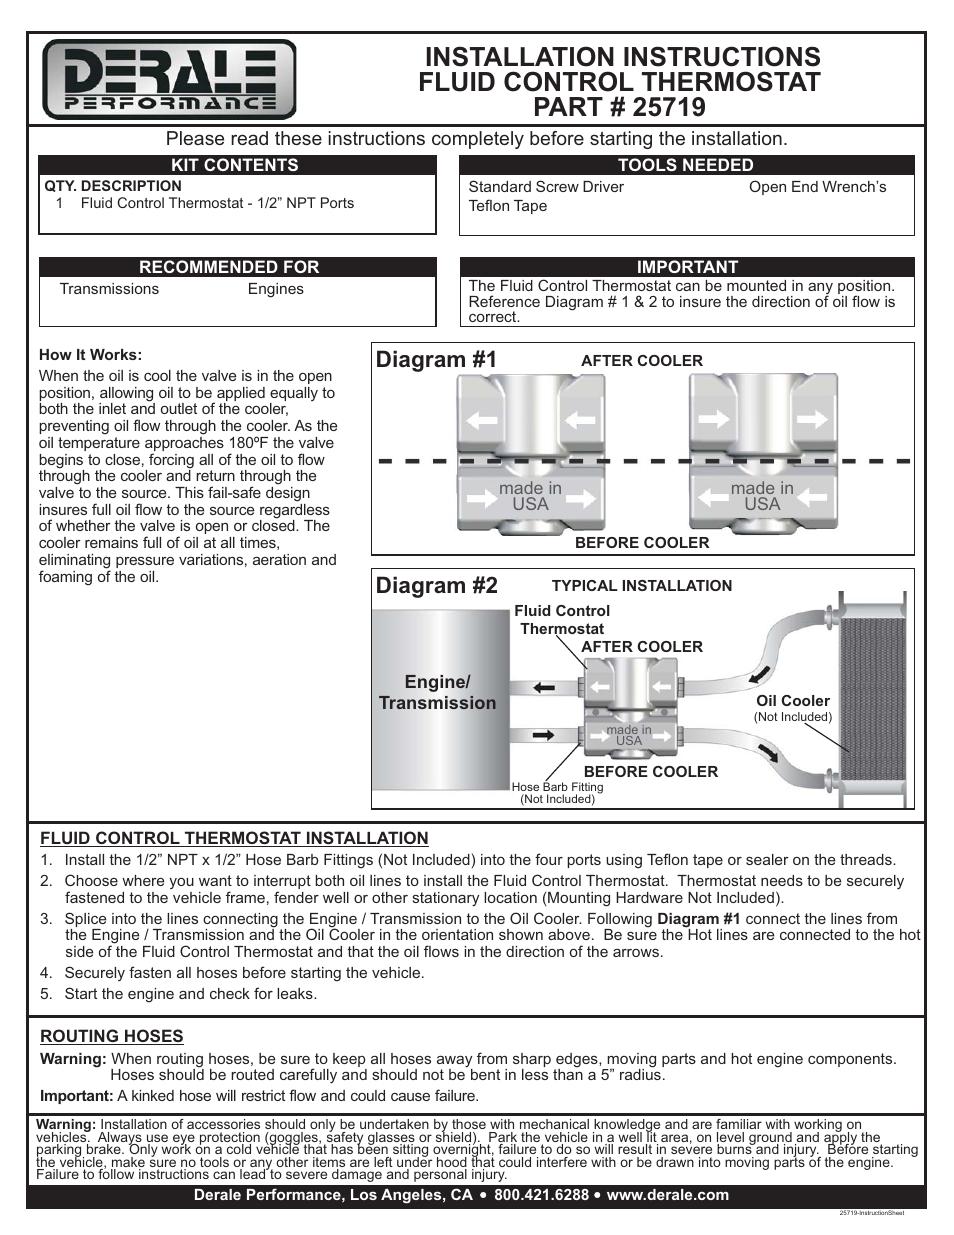 [DIAGRAM_38ZD]  Derale 25719 Fluid Control Thermostat Kit formtech-inc.com | Derale Oil Cooler Wiring Diagram |  | Formtech